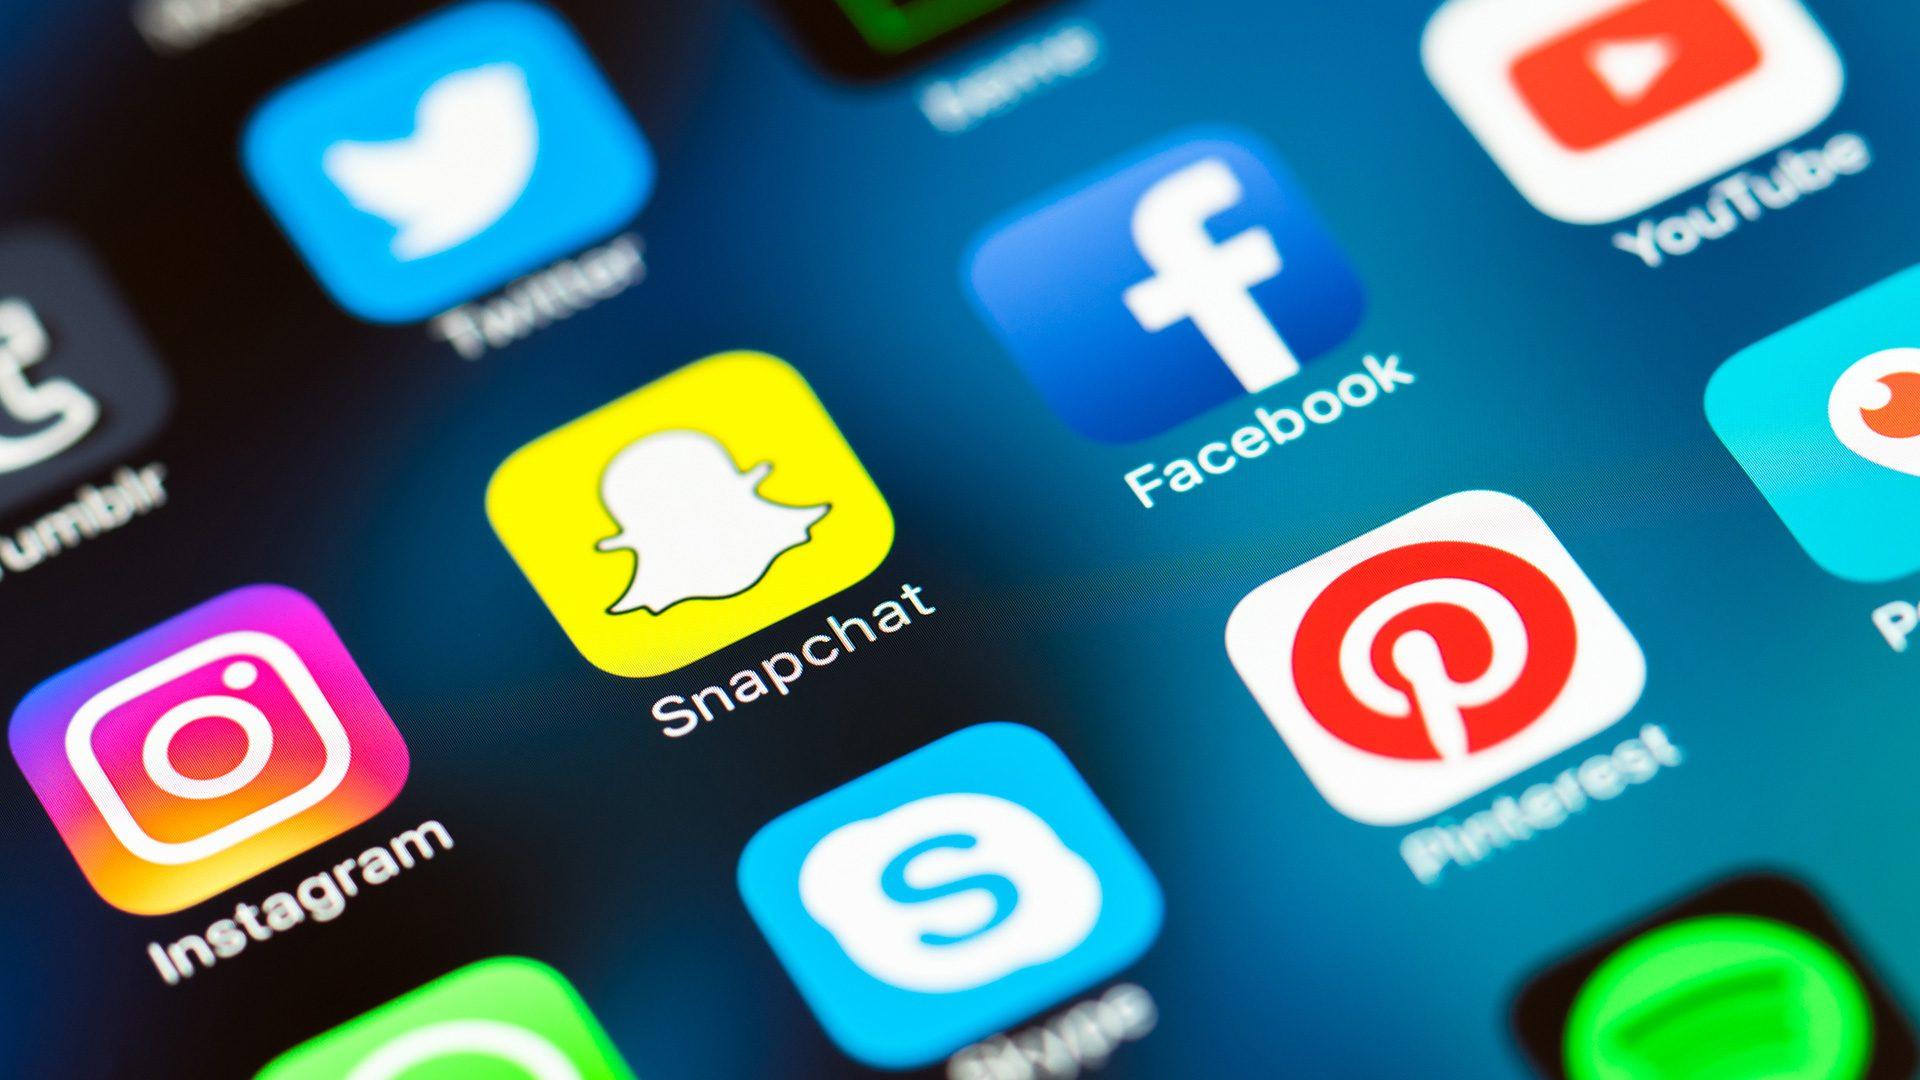 Algoritmii de pe social media ar trebui reglementați, susține organul consultativ al Angliei în domeniul AI